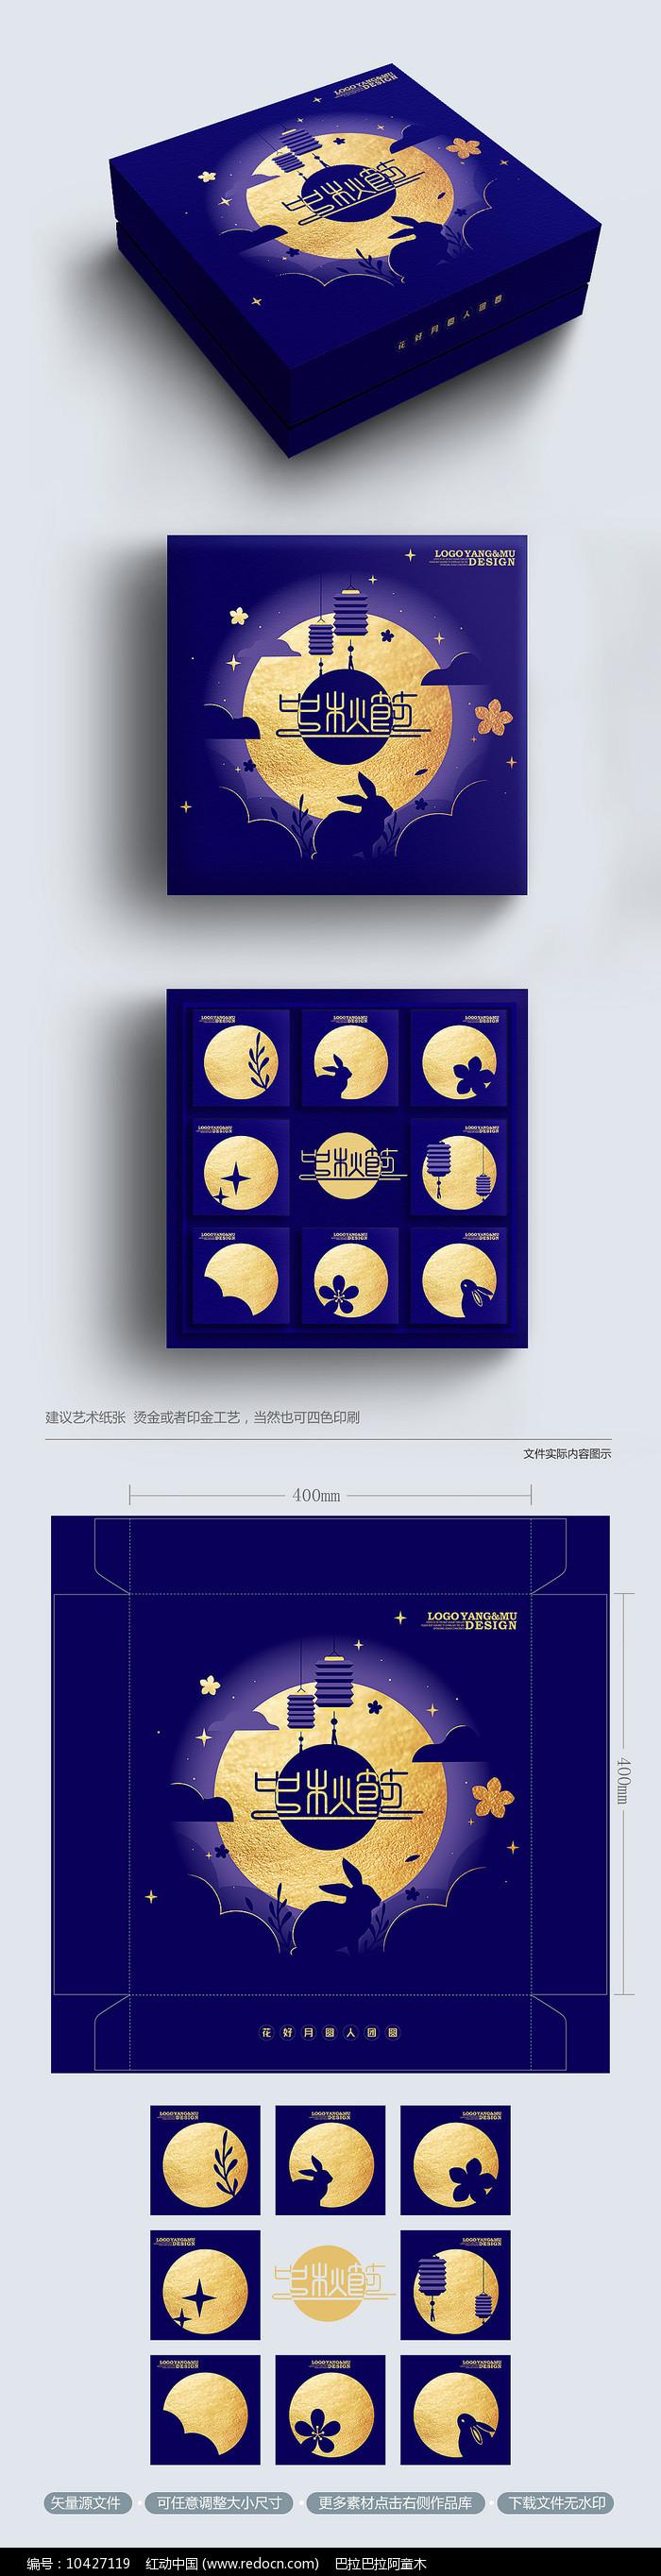 时尚简约高档中秋月饼礼盒包装图片